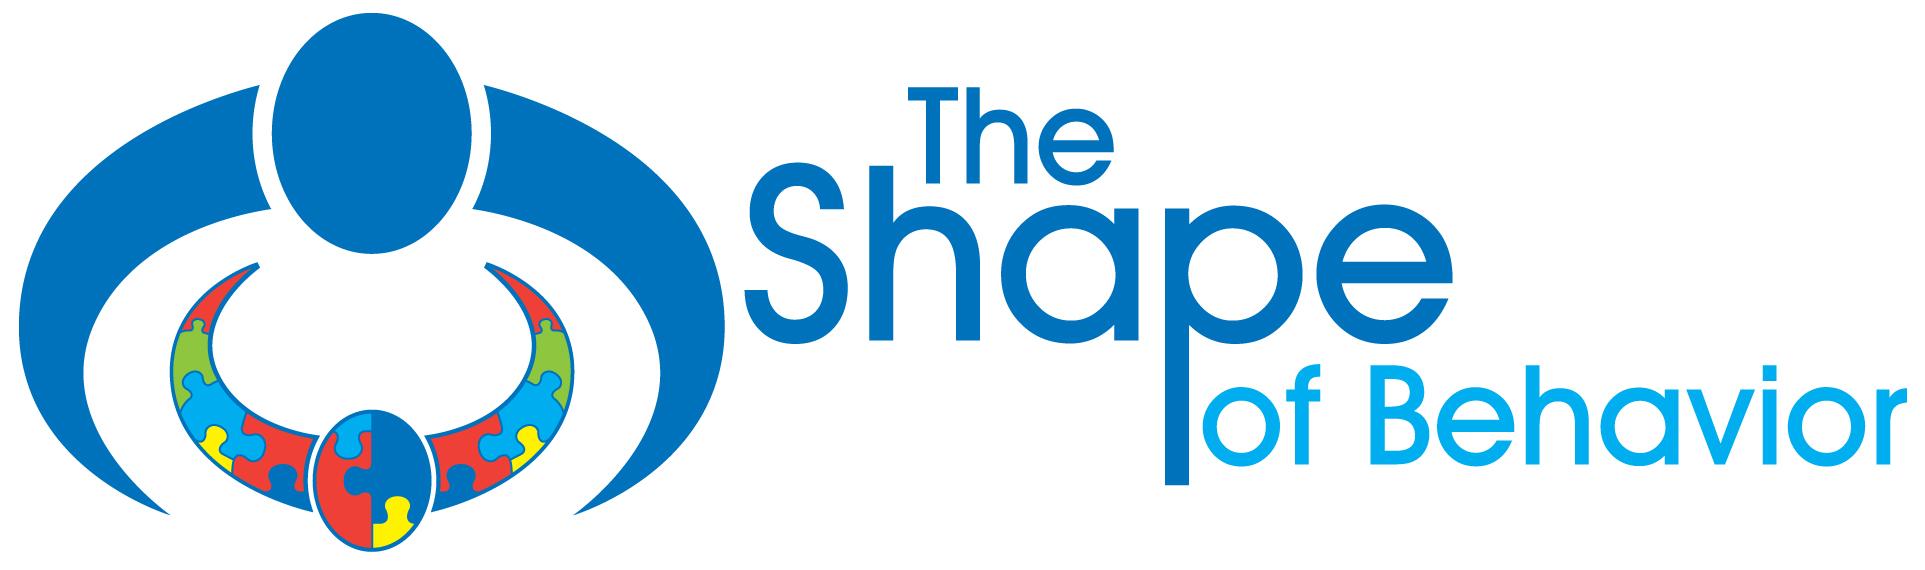 The Shape of Behavior.jpg